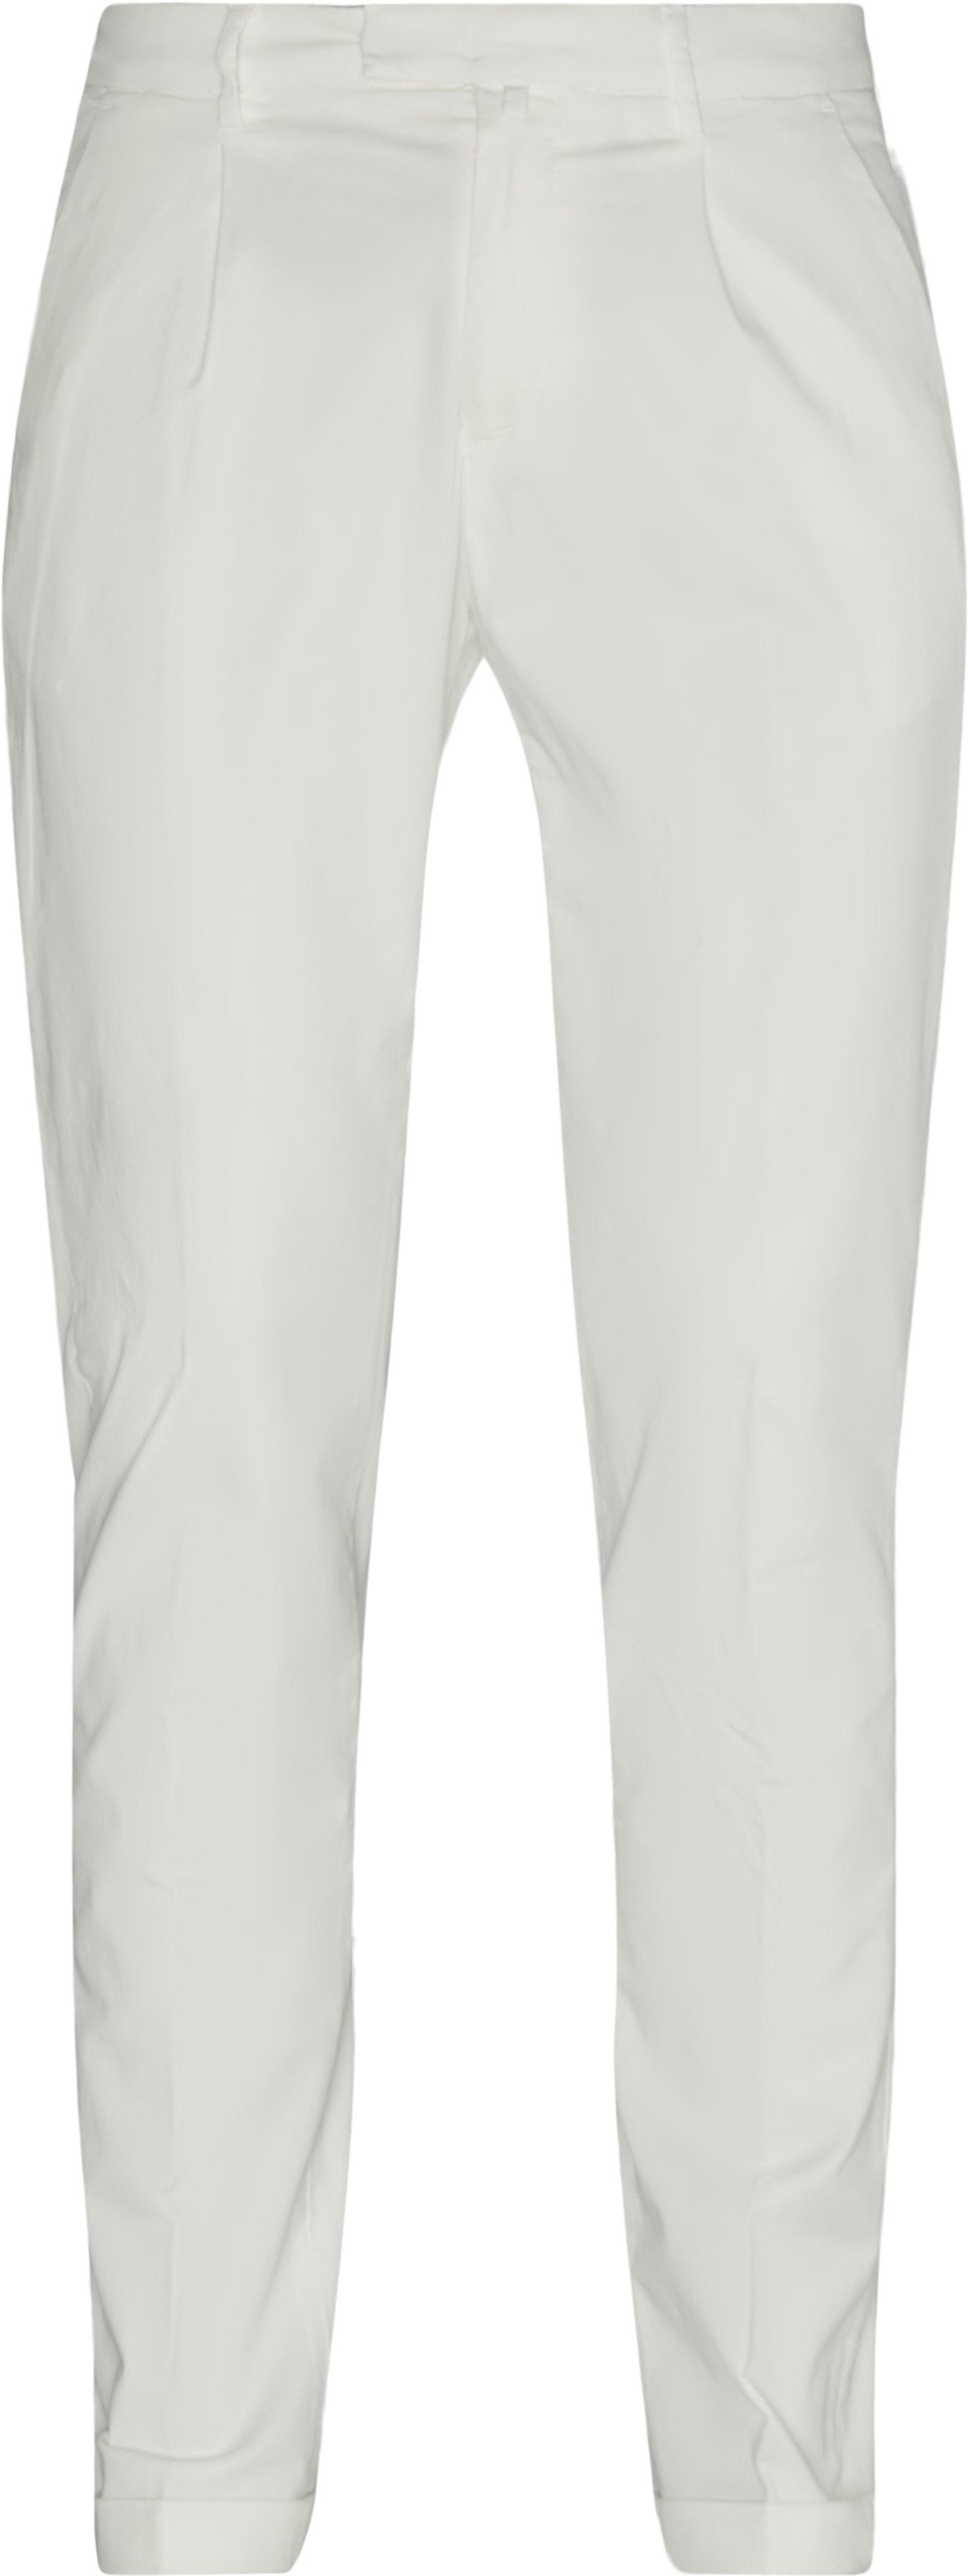 Chinos - Bukser - Slim fit - Hvid